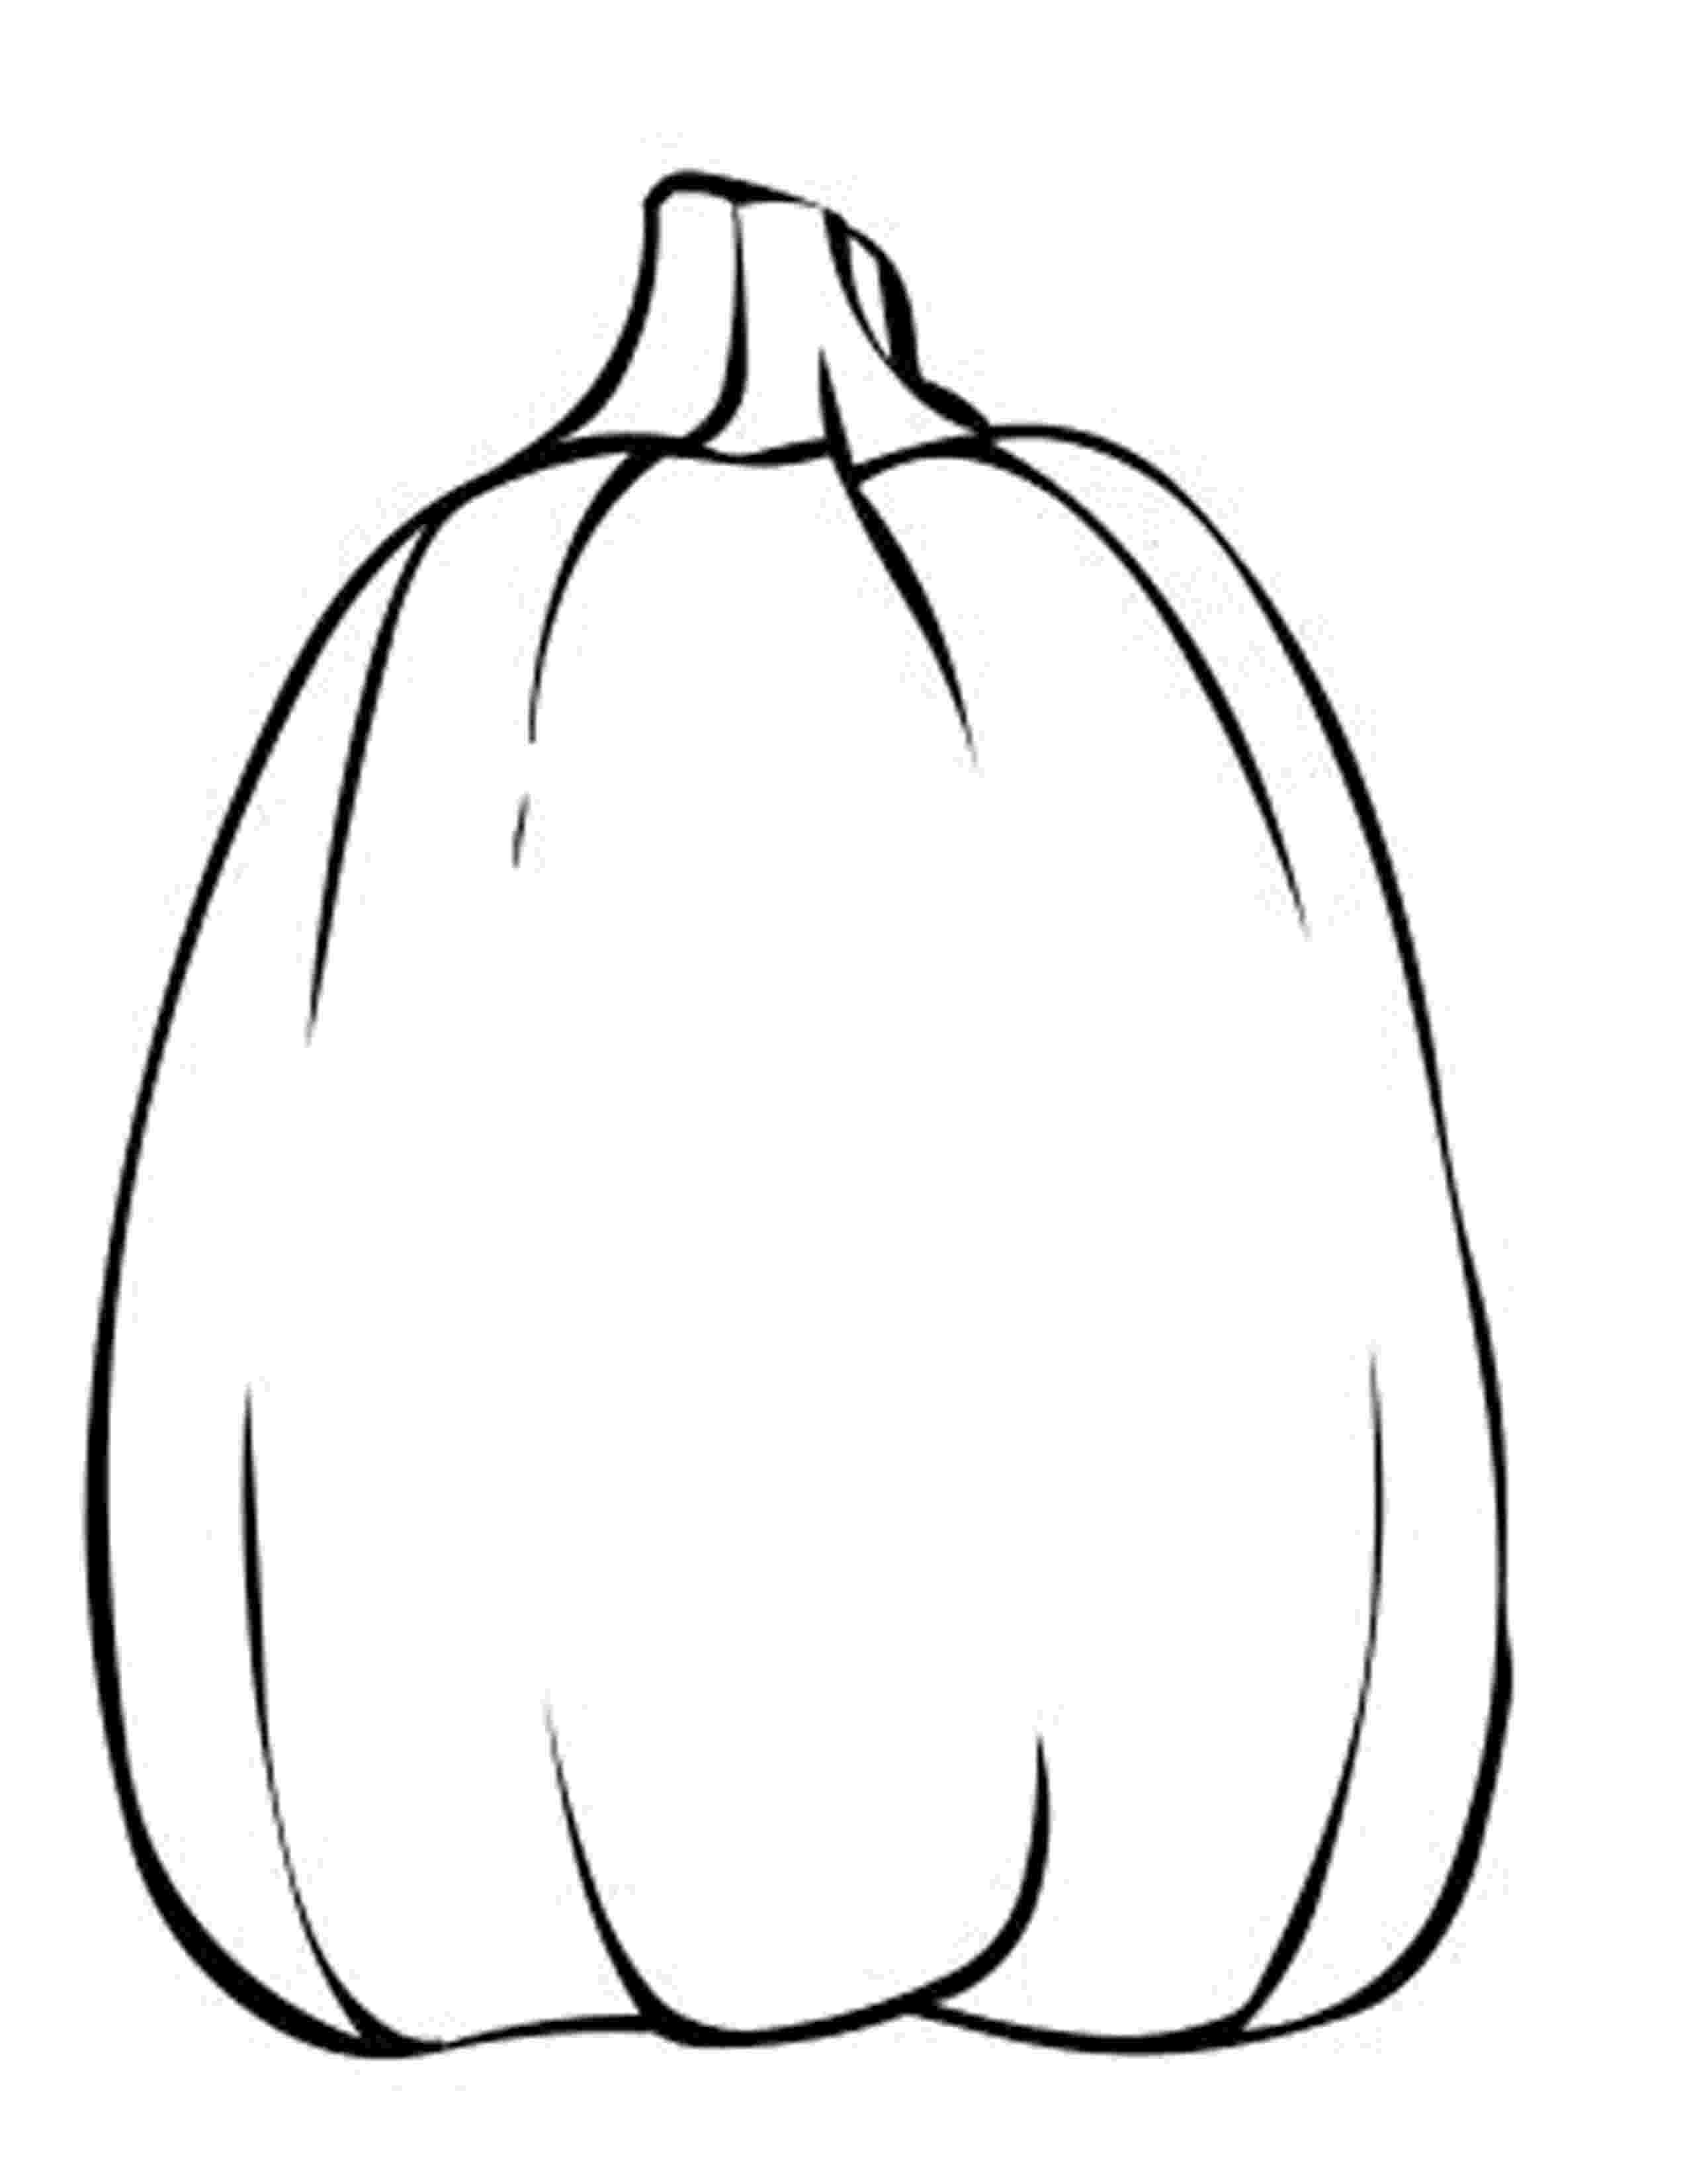 blank pumpkin template pumpkin outline drawing at getdrawingscom free for template pumpkin blank